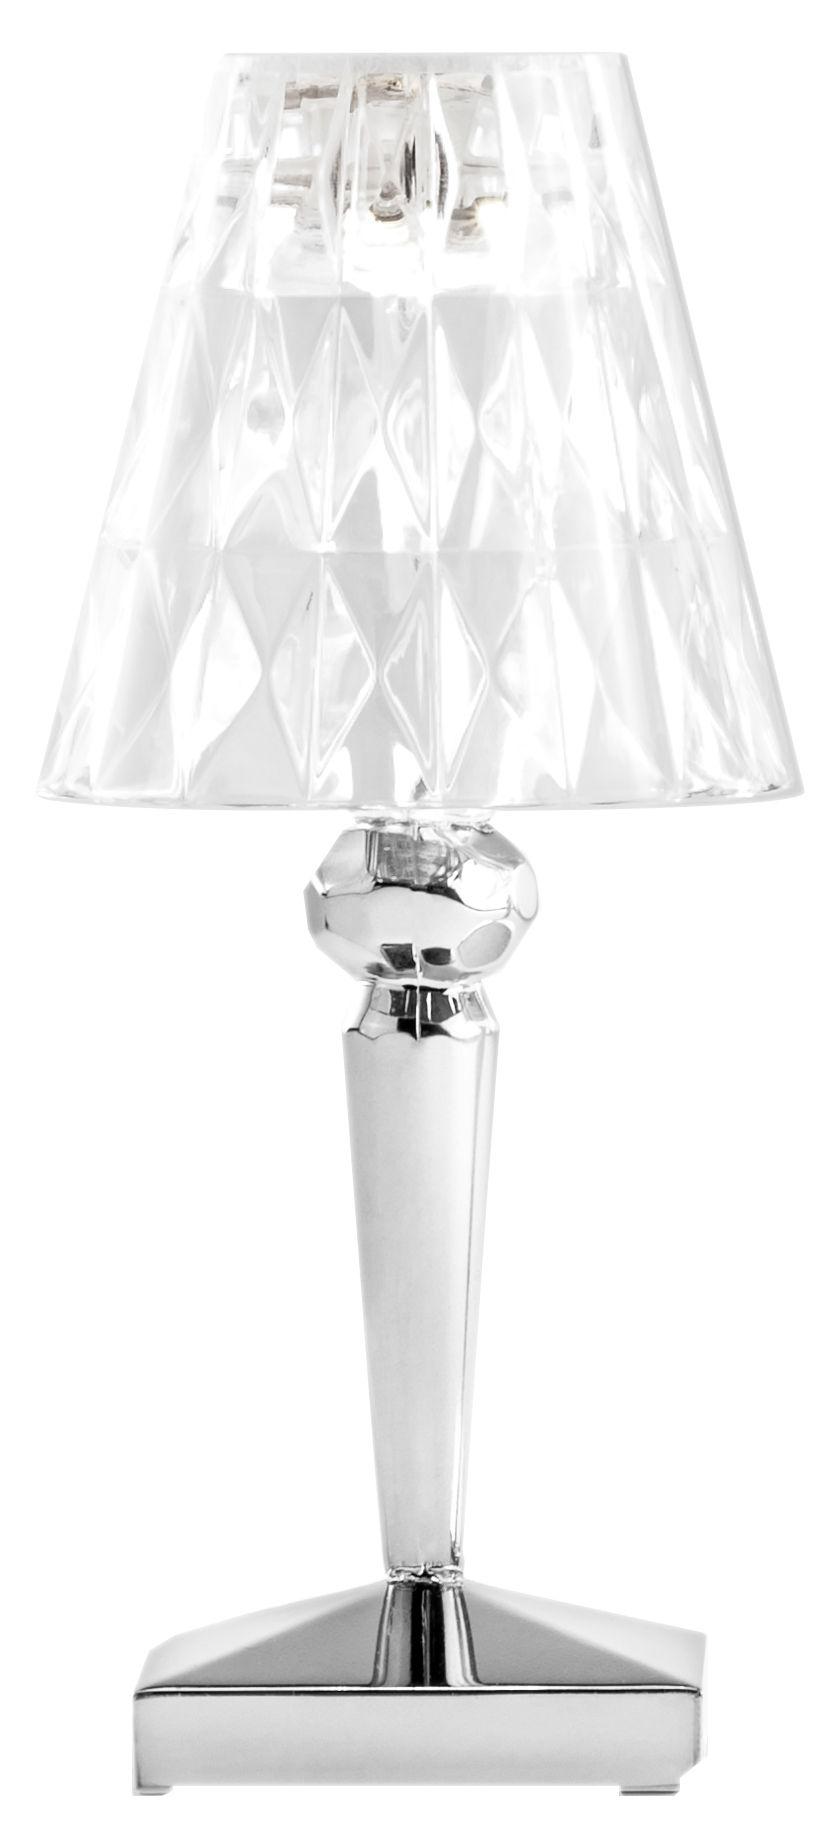 Leuchten - Tischleuchten - Battery LED Lampe ohne Kabel / mit USB-Ladeport - Kartell - Chrom-glänzend - PMMA